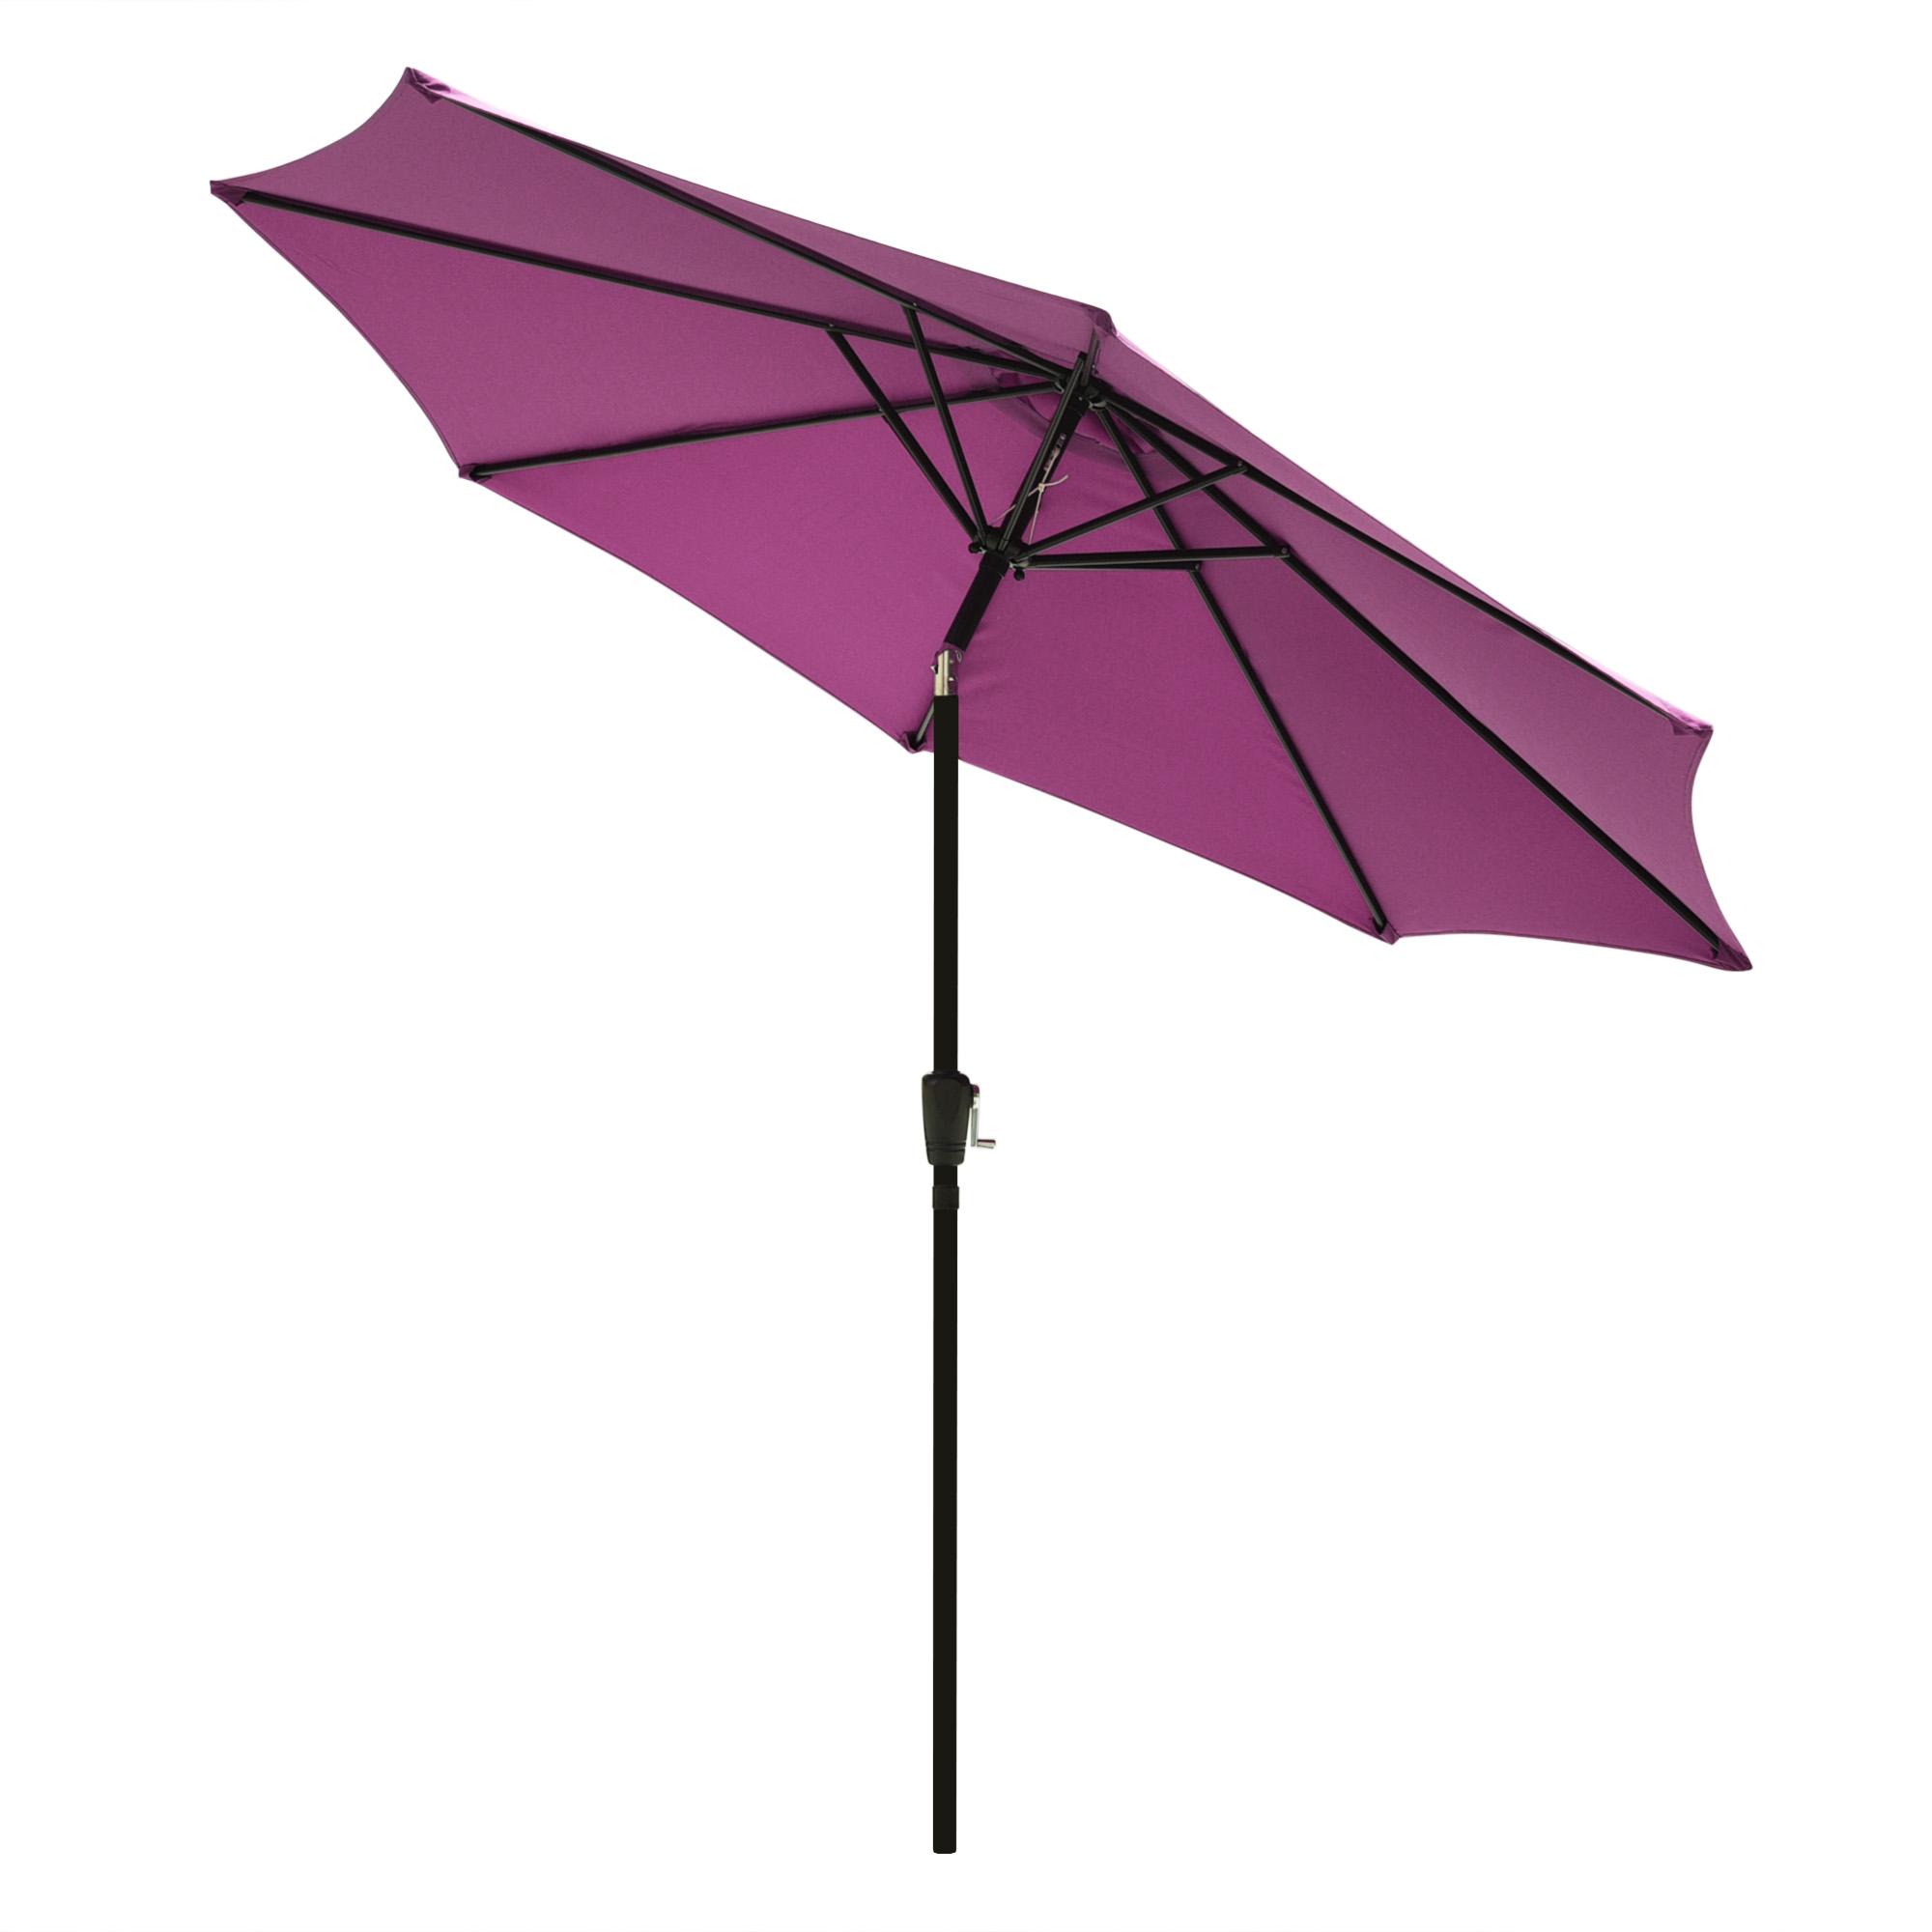 thumbnail 82 - 9' Outdoor Umbrella Patio 8 Ribs Market Garden Crank Tilt Beach Sunshade Parasol